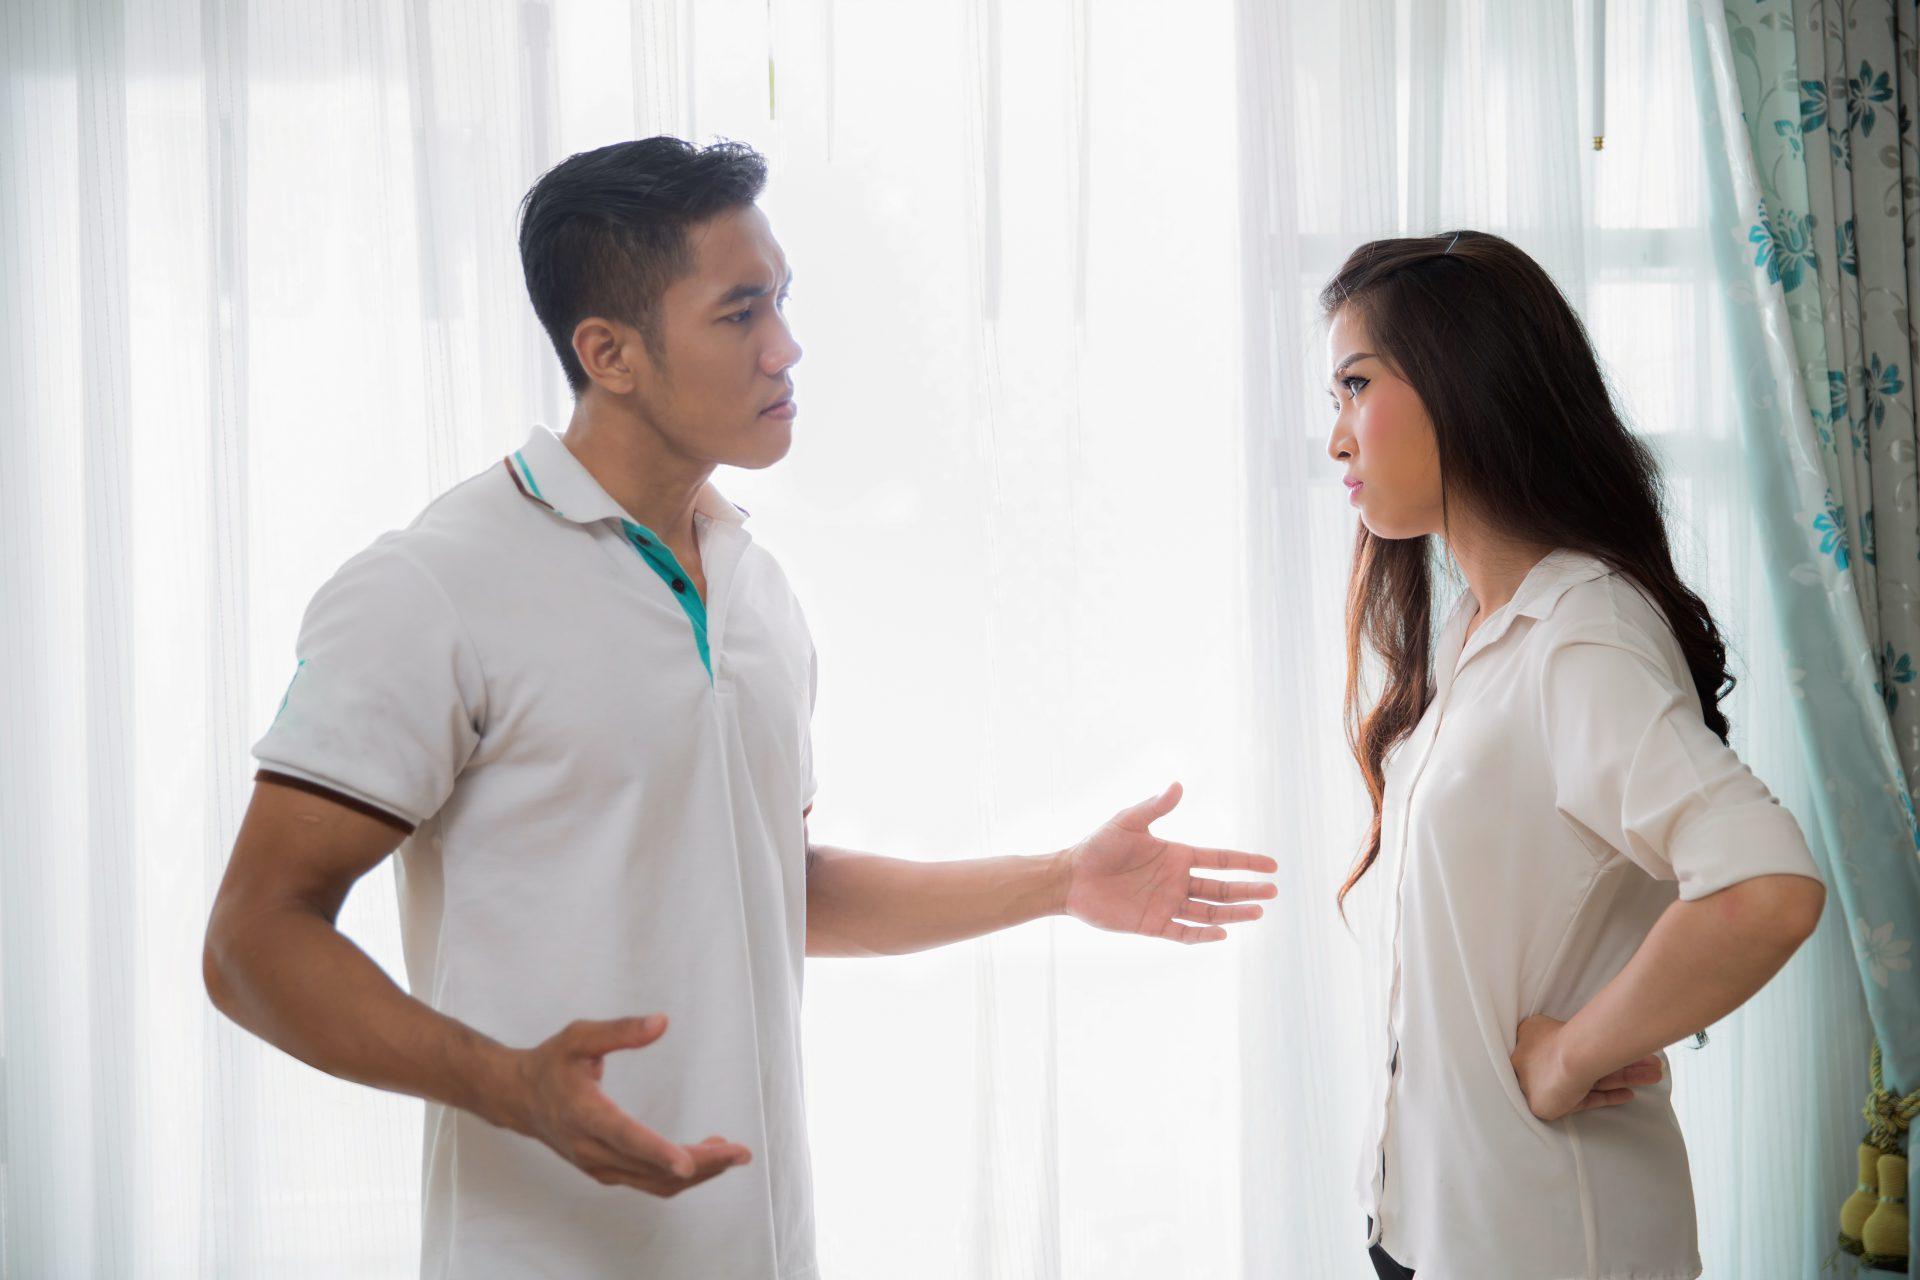 angan Jadikan Gajet Orang Ketiga Dalam Rumah Tangga, Suami Isteri Tolong Prihatin